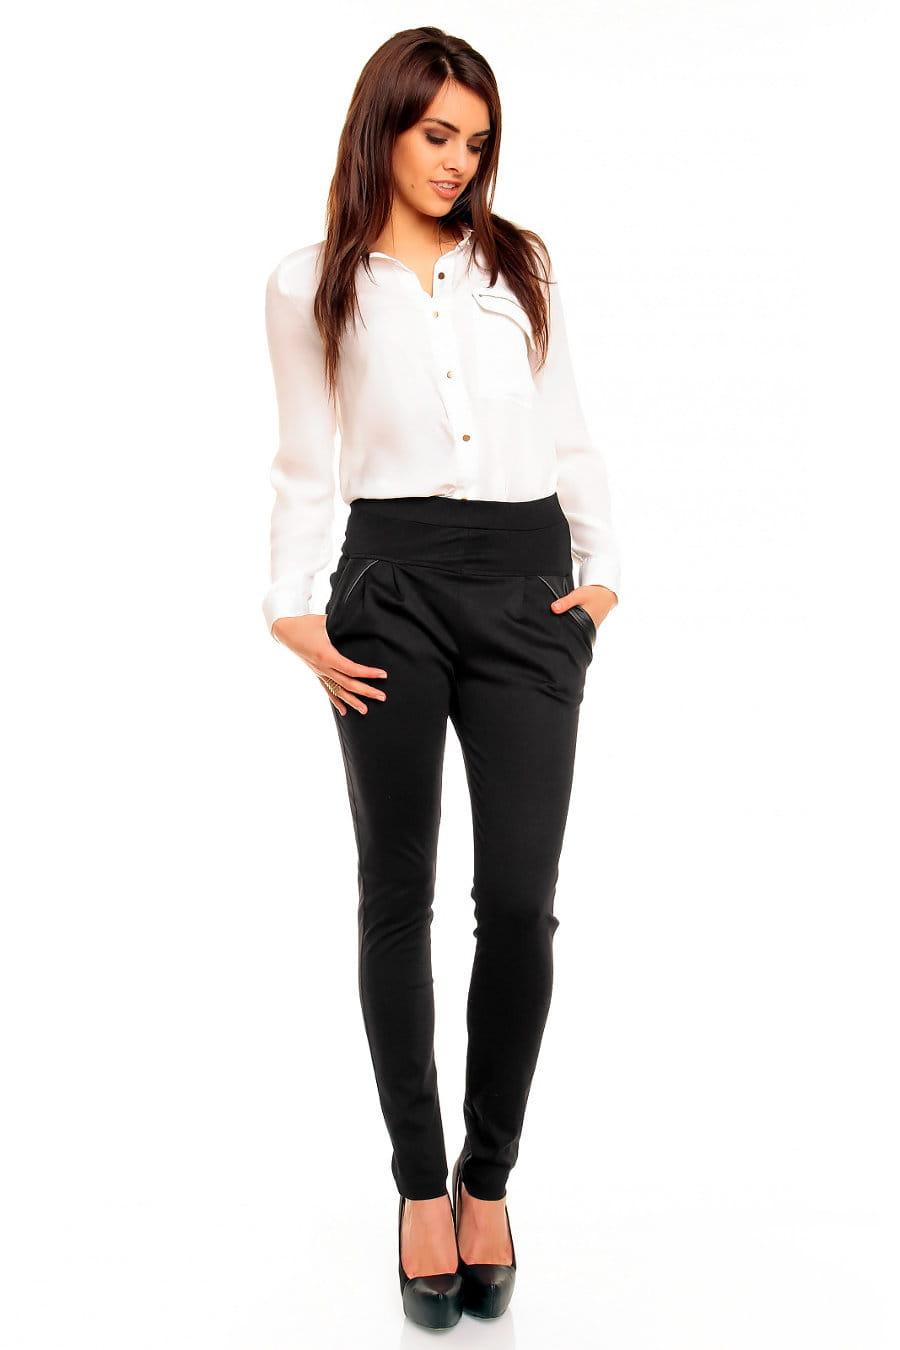 Spodnie damskie, jako jeden z podstawowych elementów kobiecej i męskiej garderoby, momentami może wprowadzić nudę do stylizacji. Aby to zmienić, nasz sklep internetowy yageimer.ga przygotował dla Ciebie szeroką ofertę różnych modeli spodni, abyś mogła cieszyć się modnym wyglądem każdego dnia.